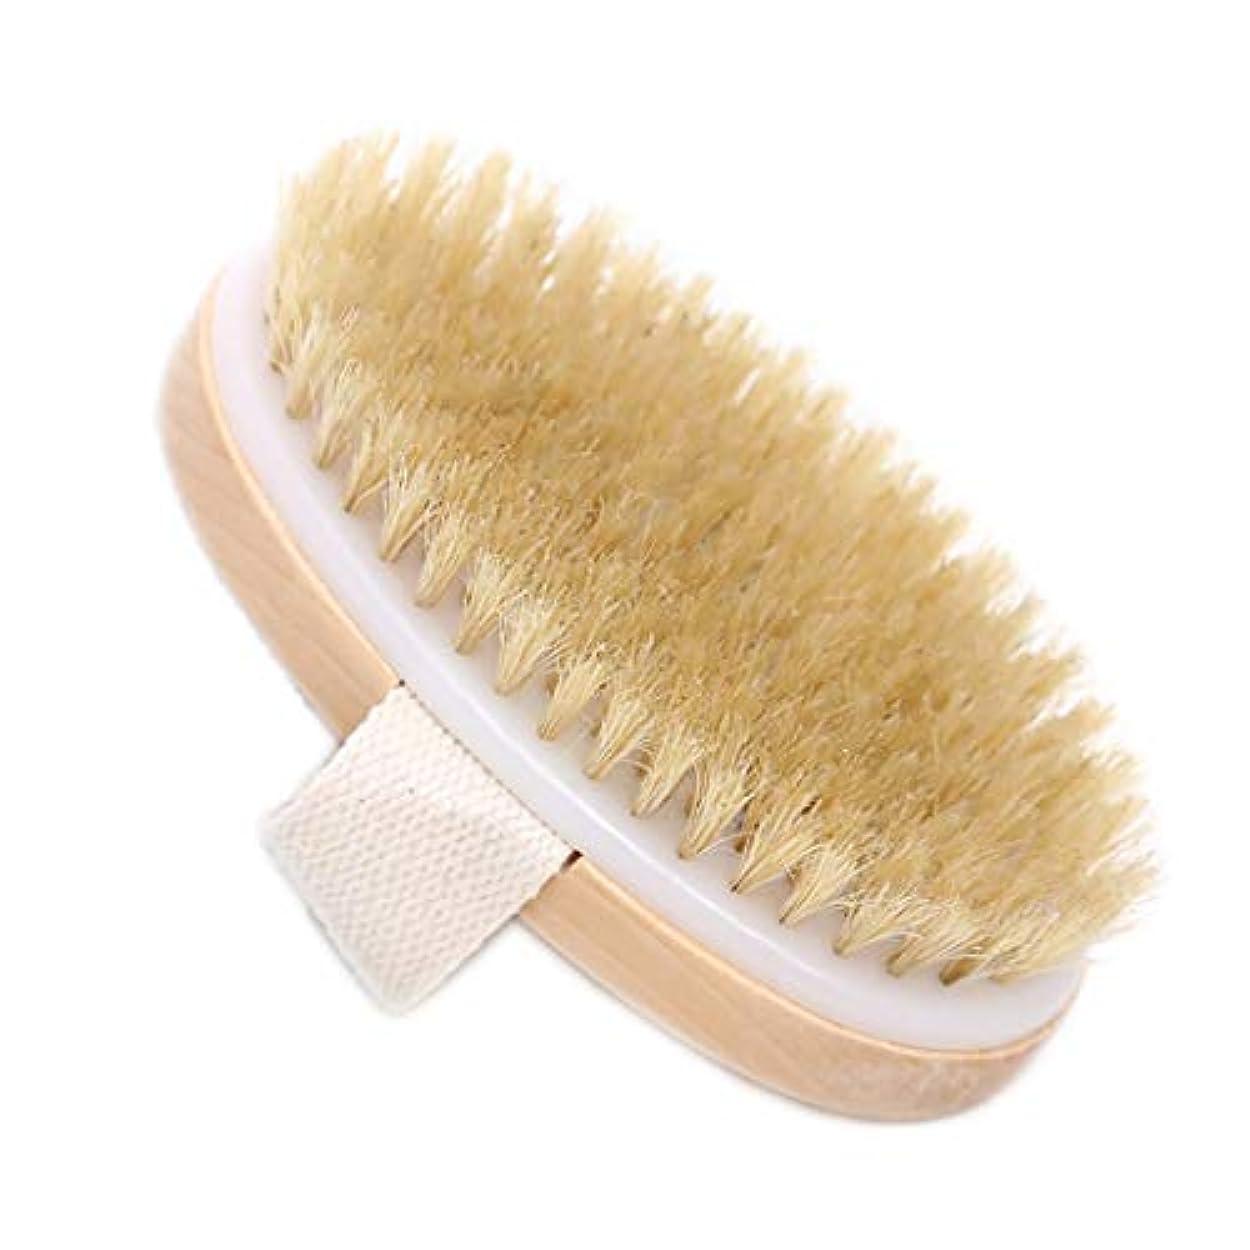 アベニュー土器ブランクMaltose ボディブラシ 豚毛 天然素材 木製 短柄 足を洗う 角質除去 美肌 バス用品 (C:12.5 * 7CM)